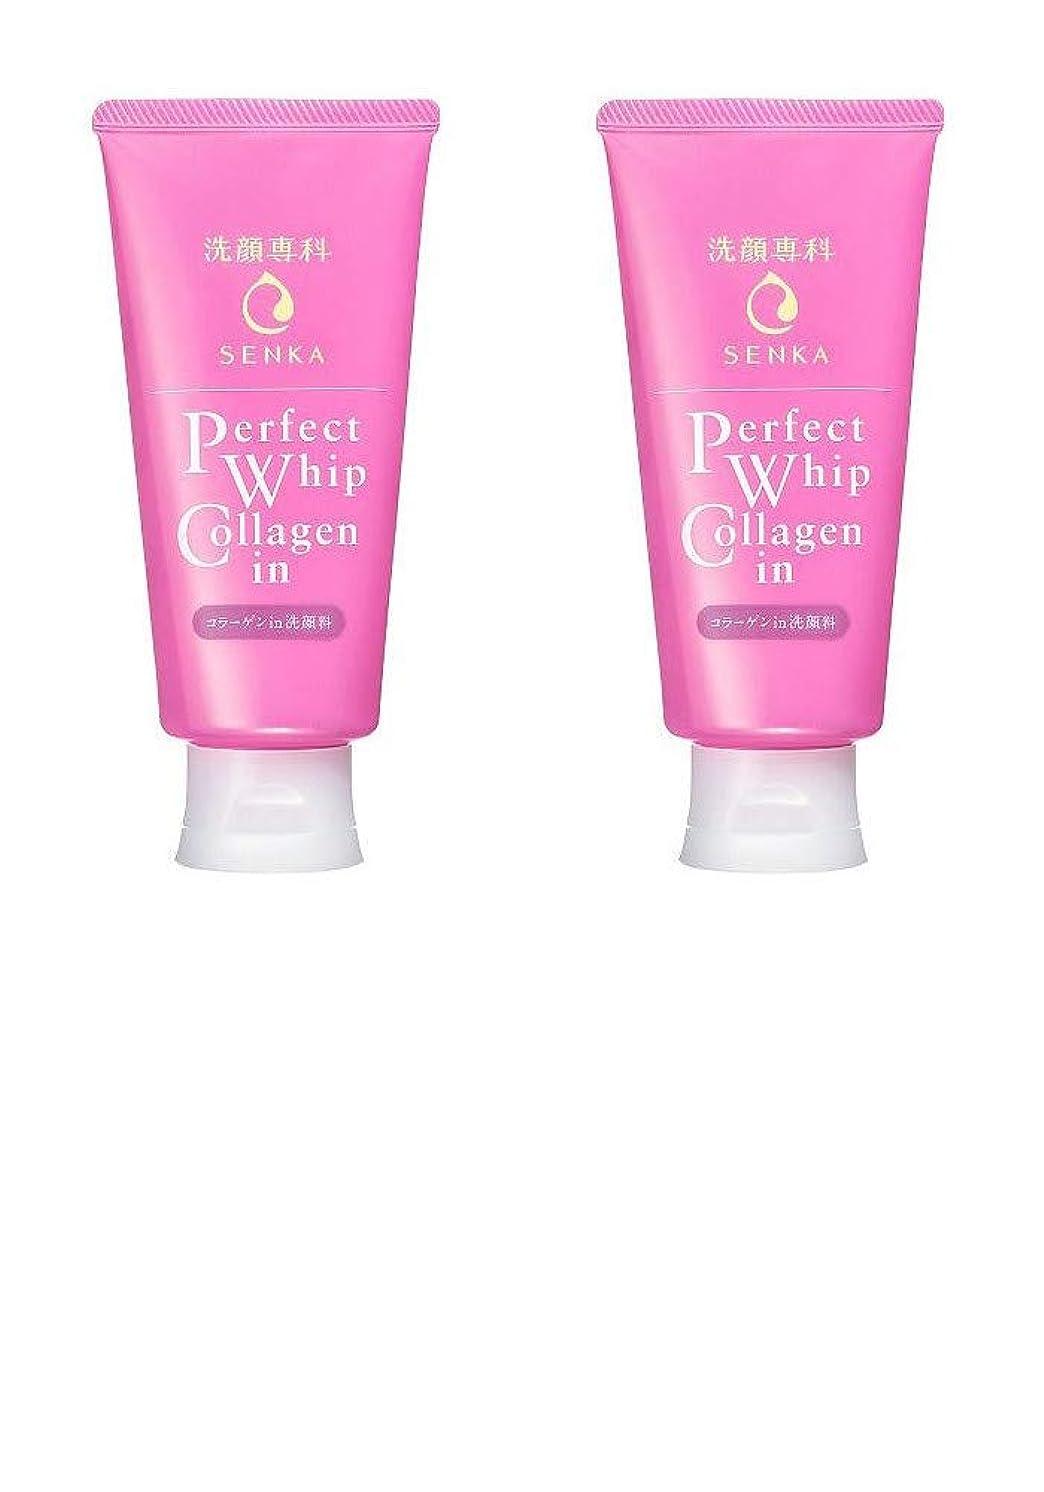 写真上級サワー【2個まとめ買い】洗顔専科 パーフェクトホイップ コラーゲンin 120g